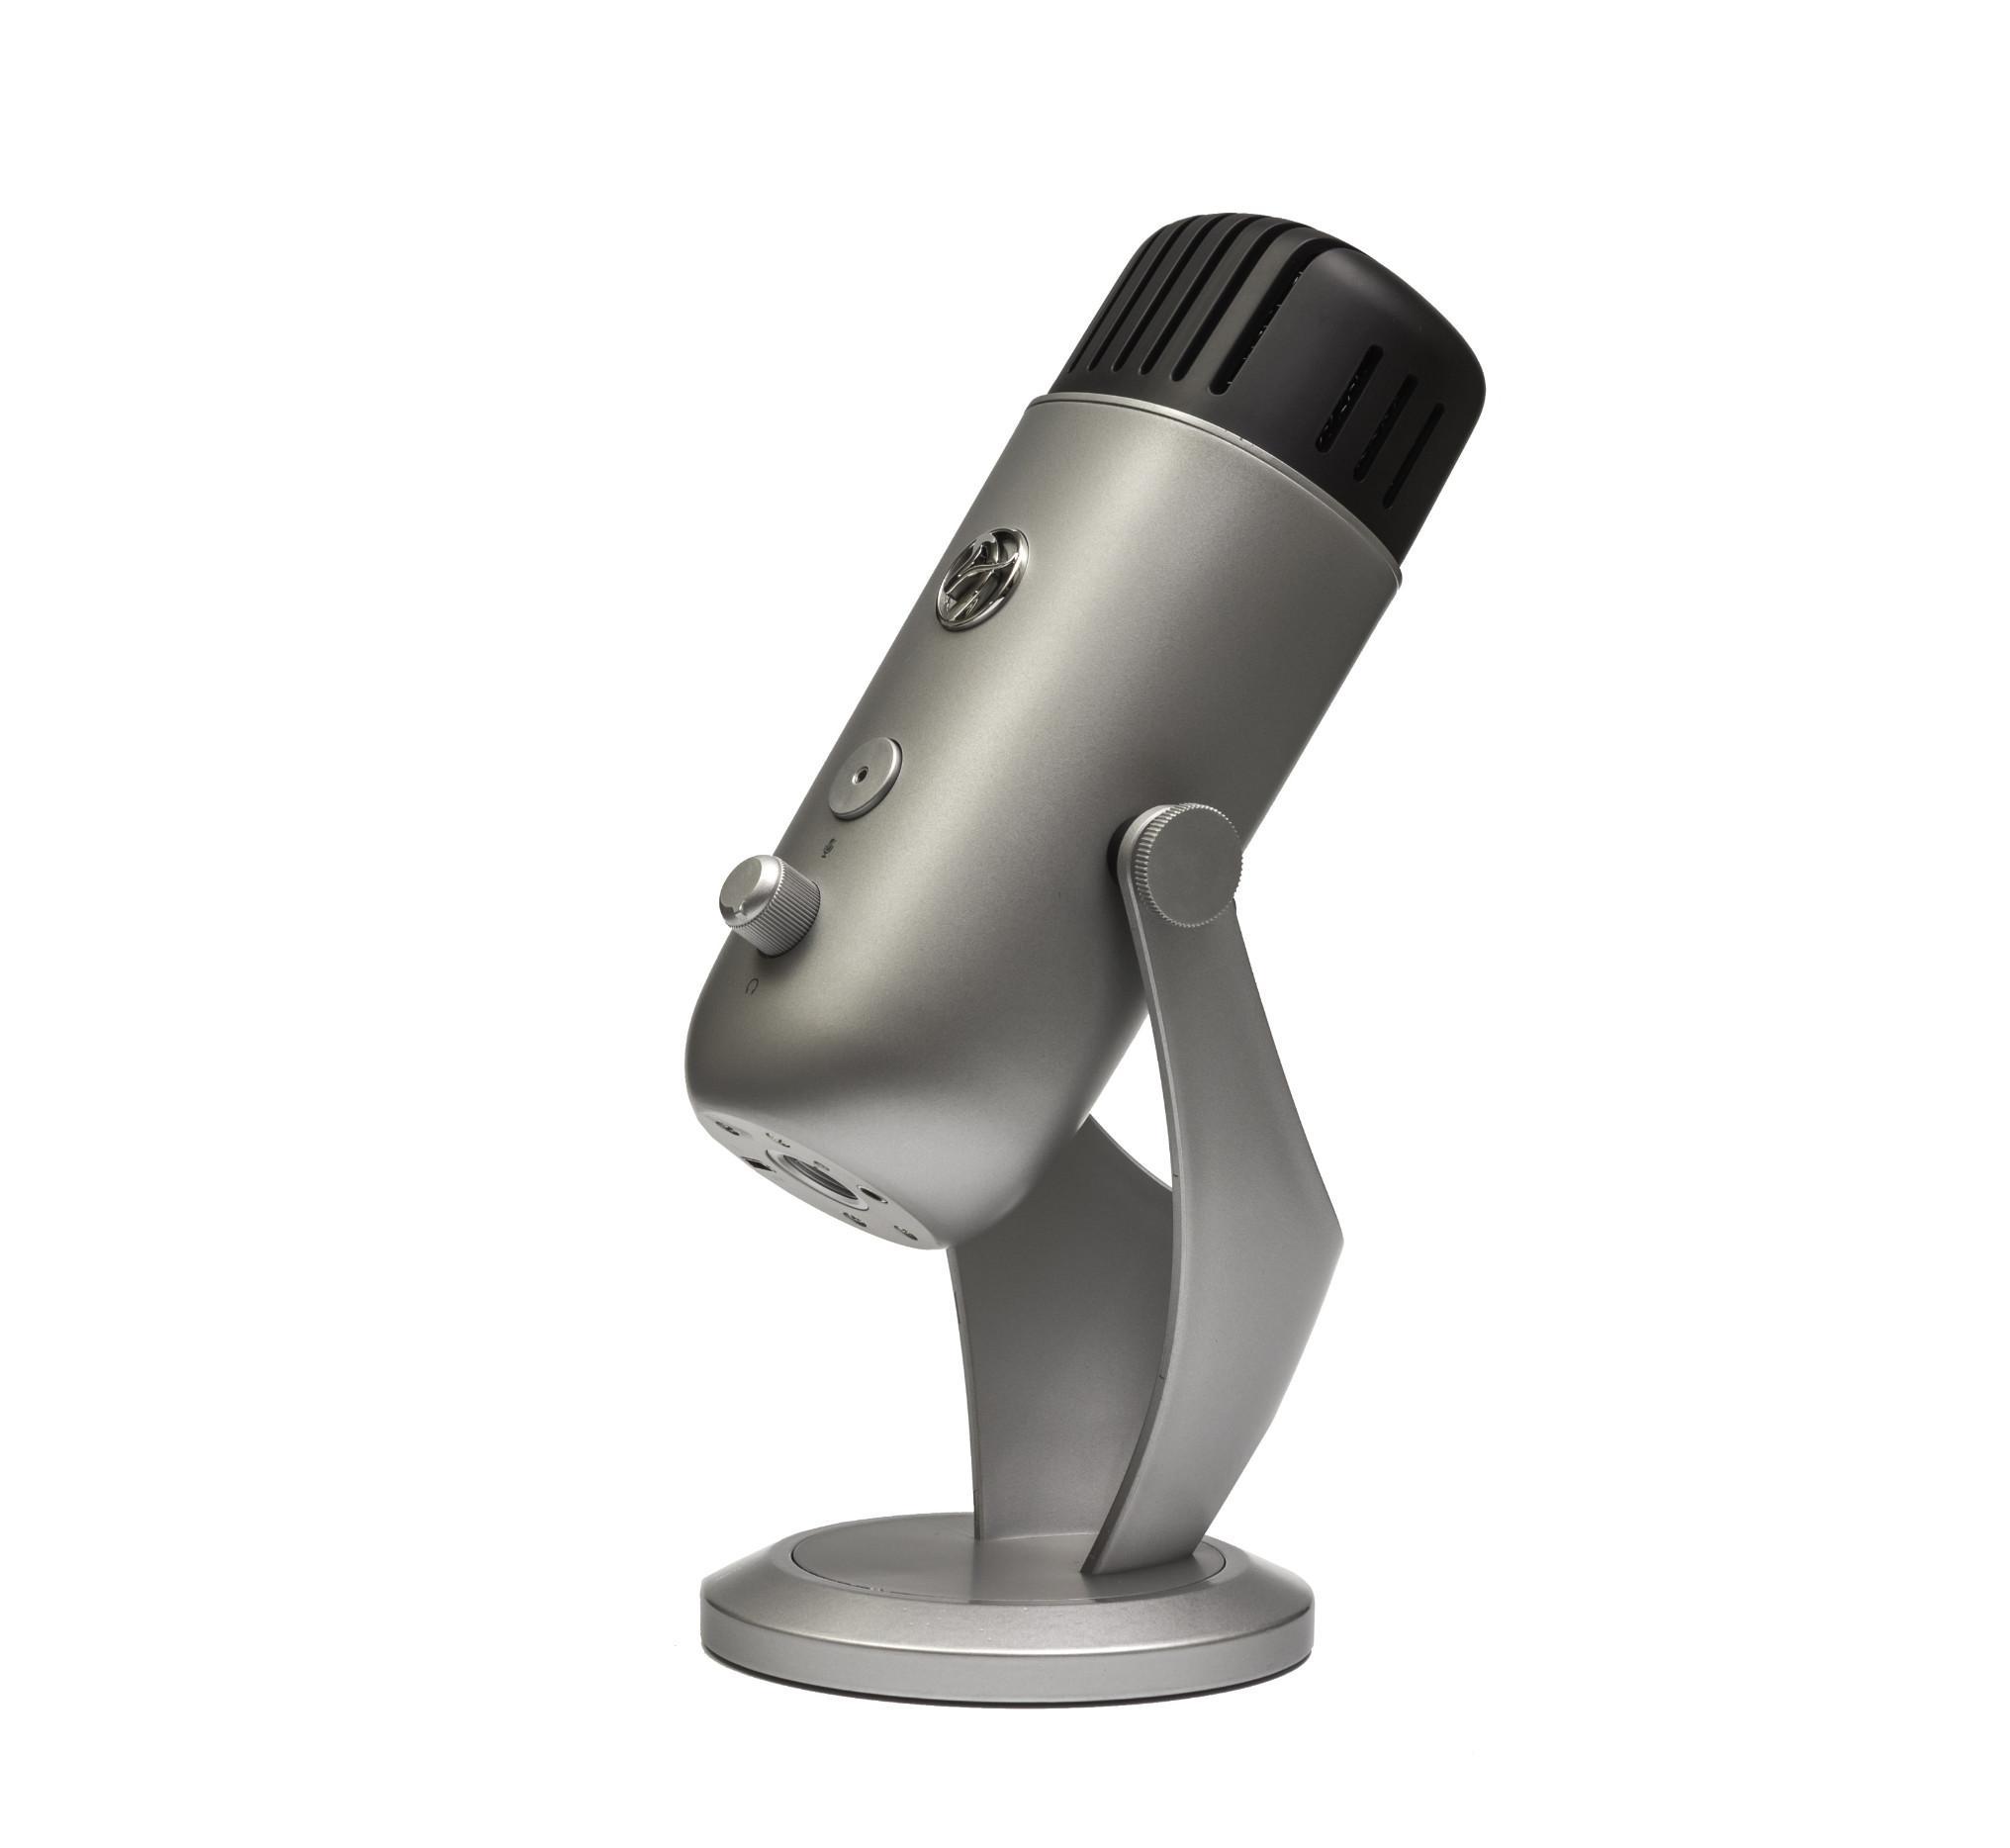 Настолен микрофон Arozzi Colonna Silver